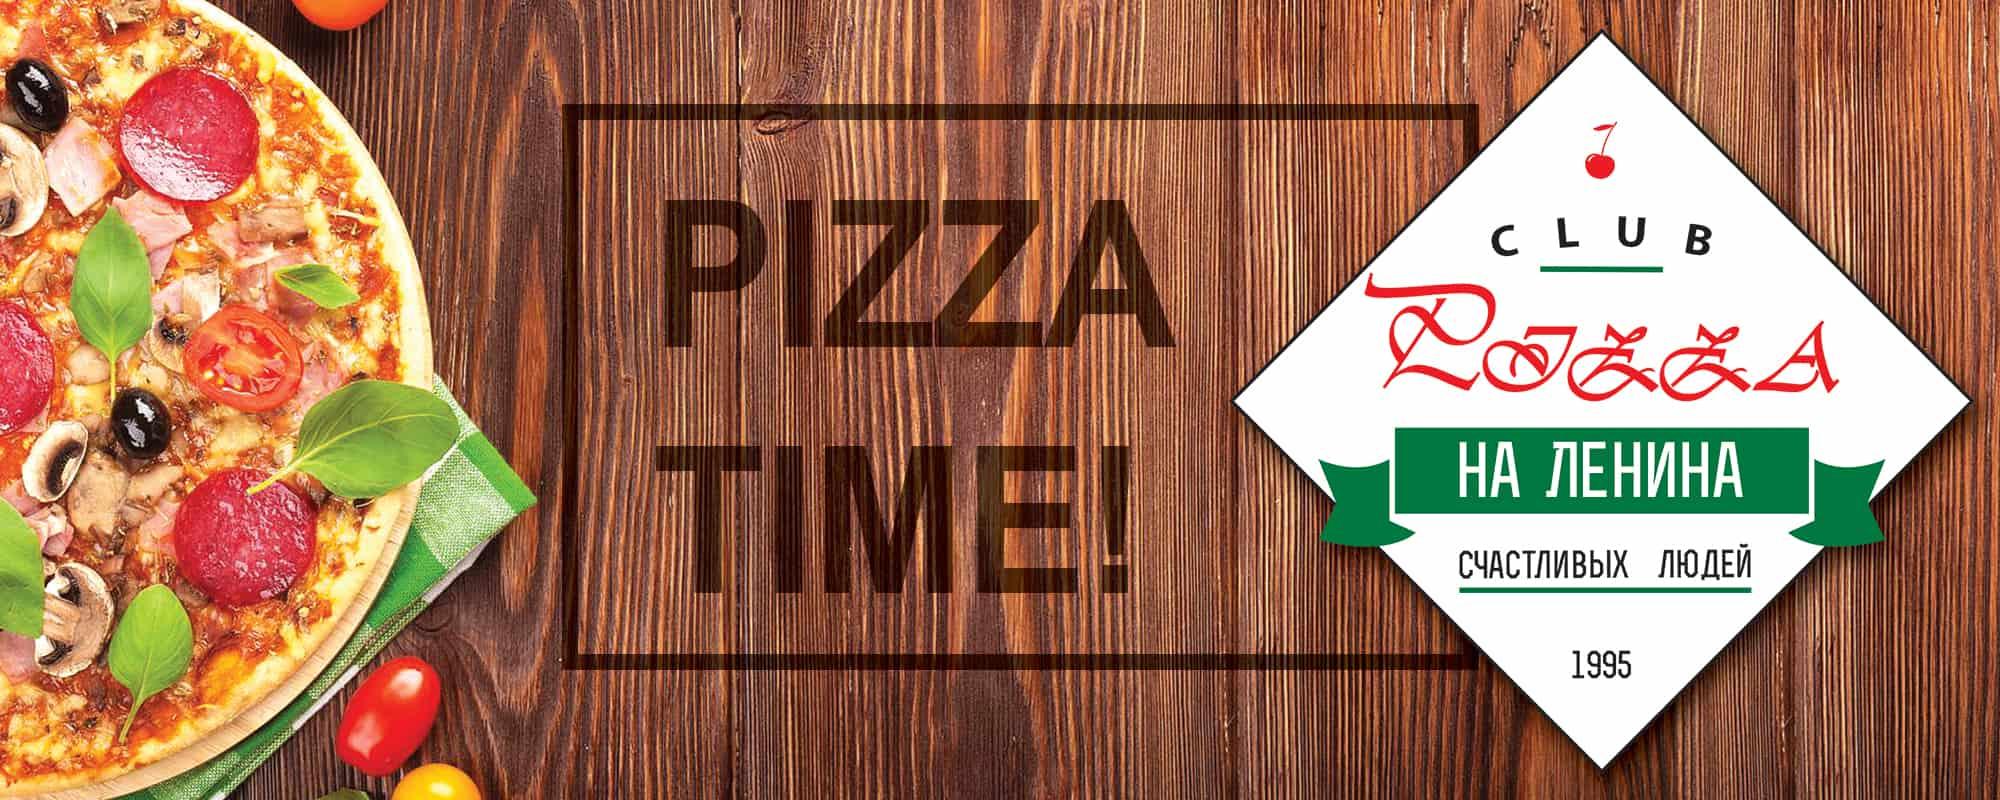 pizza na lenina